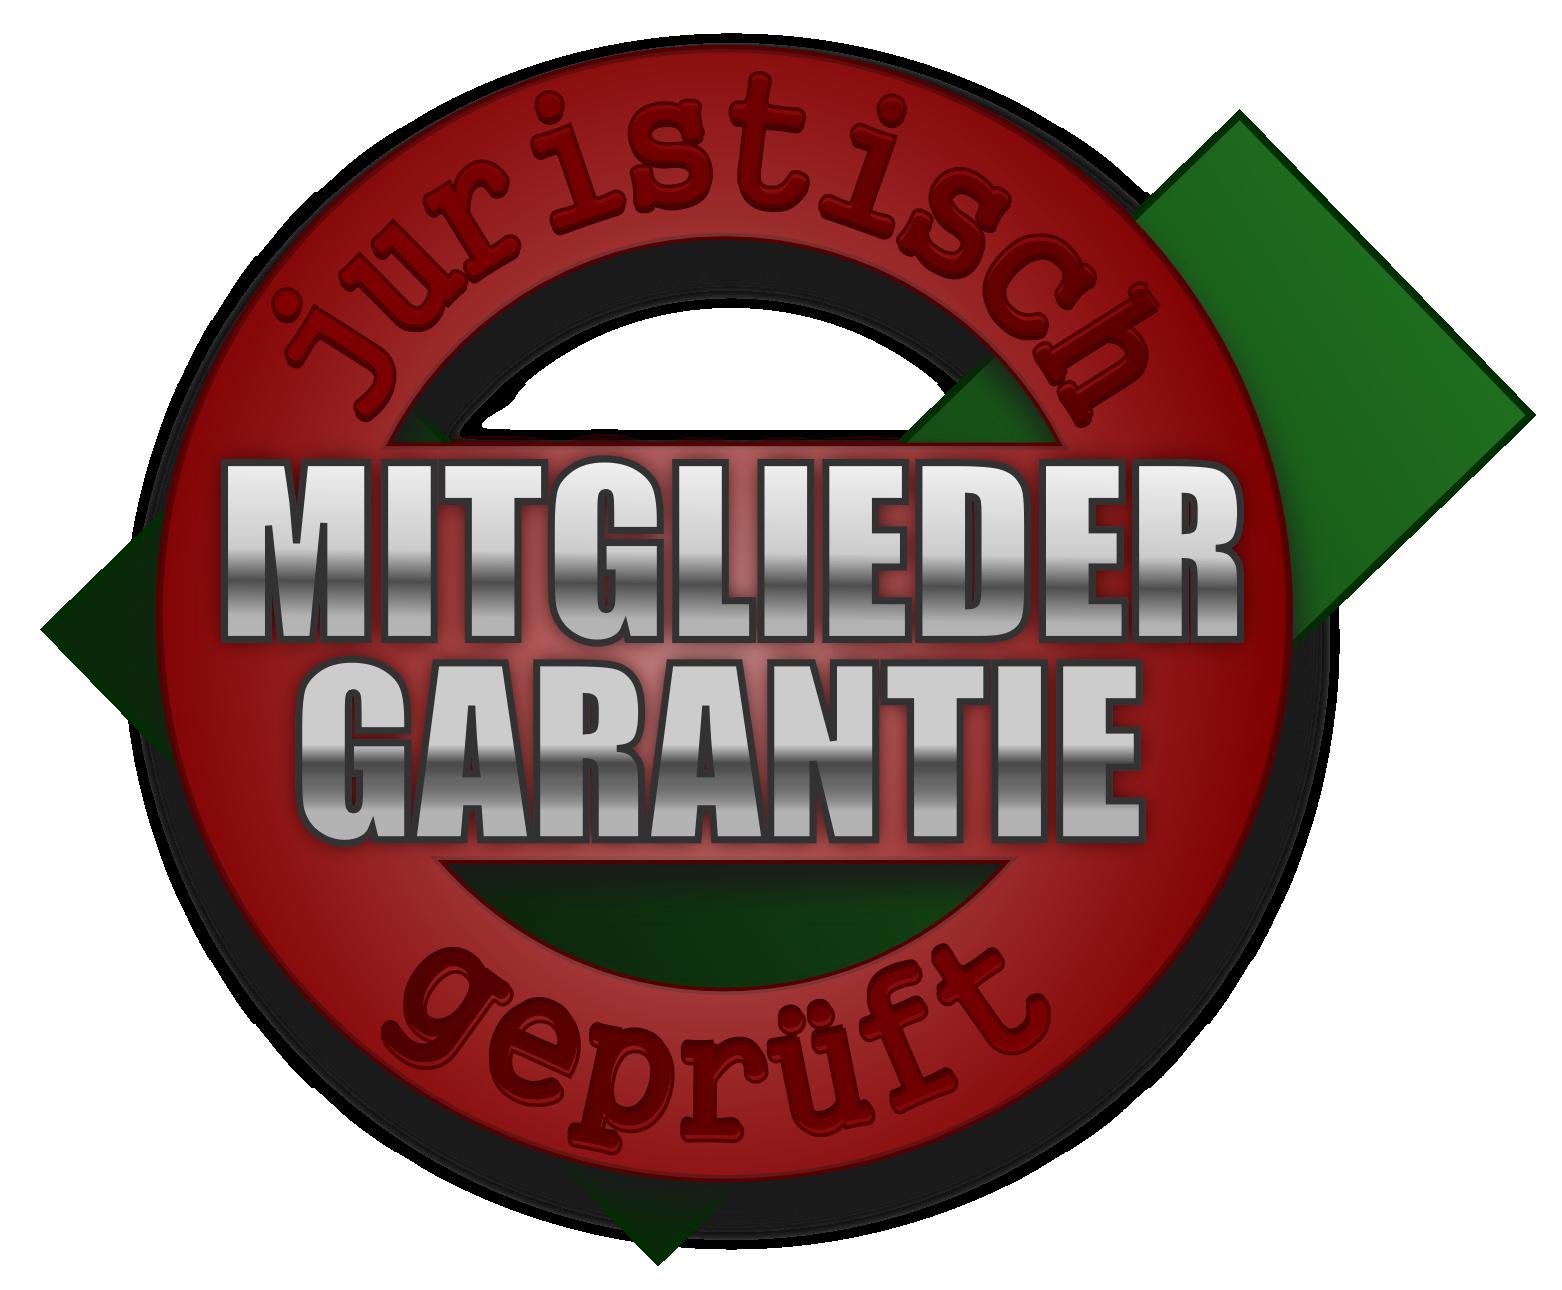 Mitgliedergarantie_Siegel